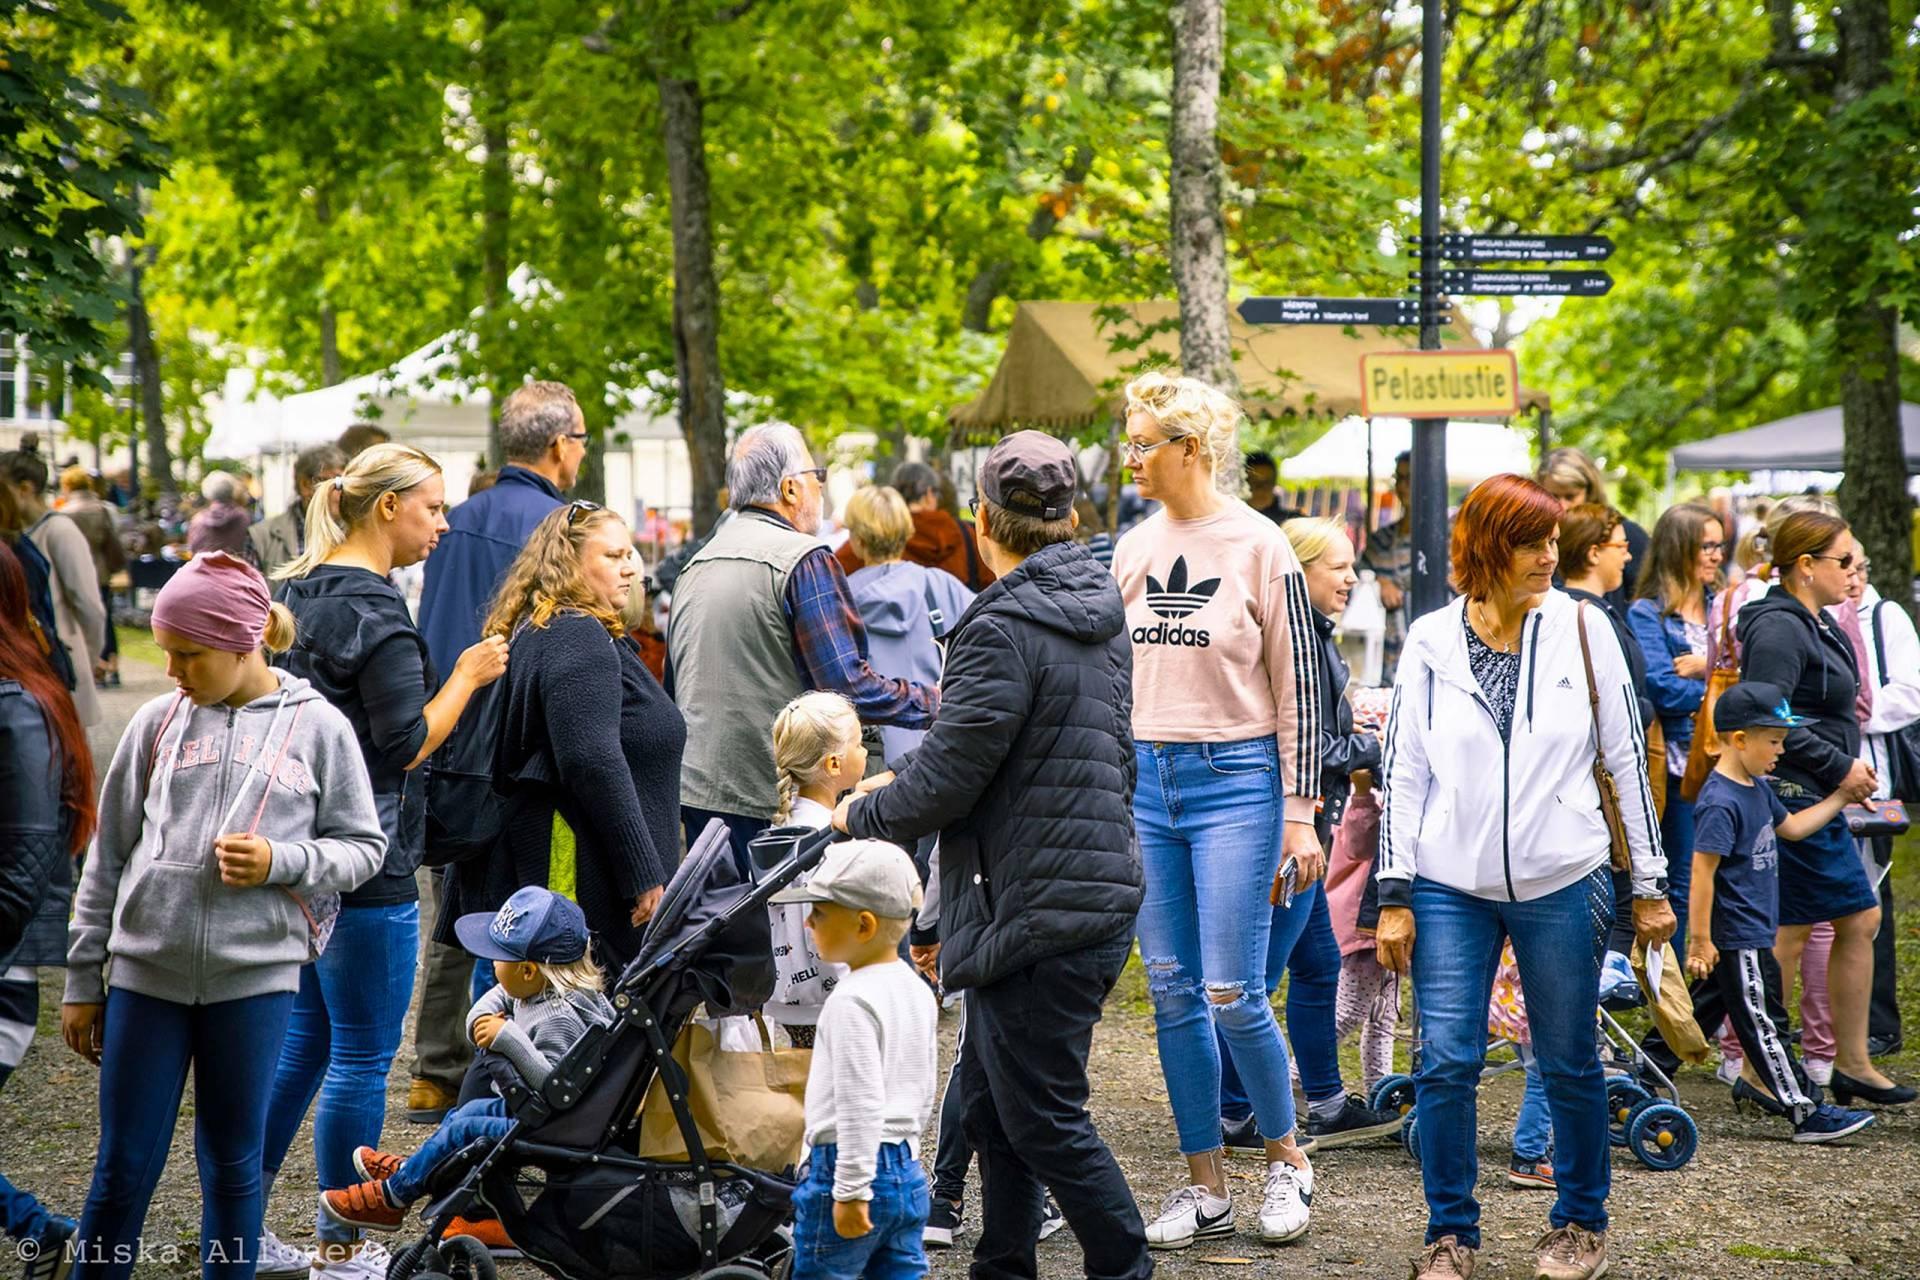 ihmisjoukko Voipaalan piha-alueella markkinoilla